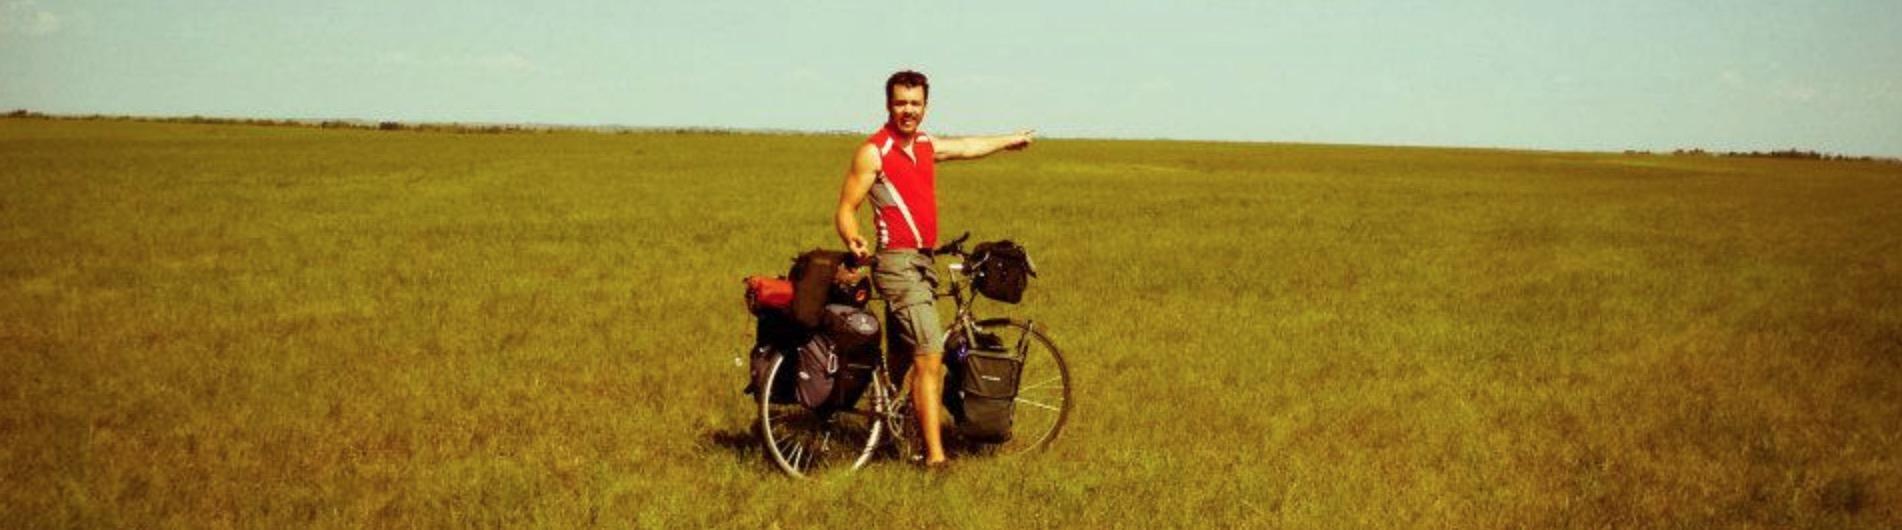 Bicycle Touring, Getting Lost, Kansas